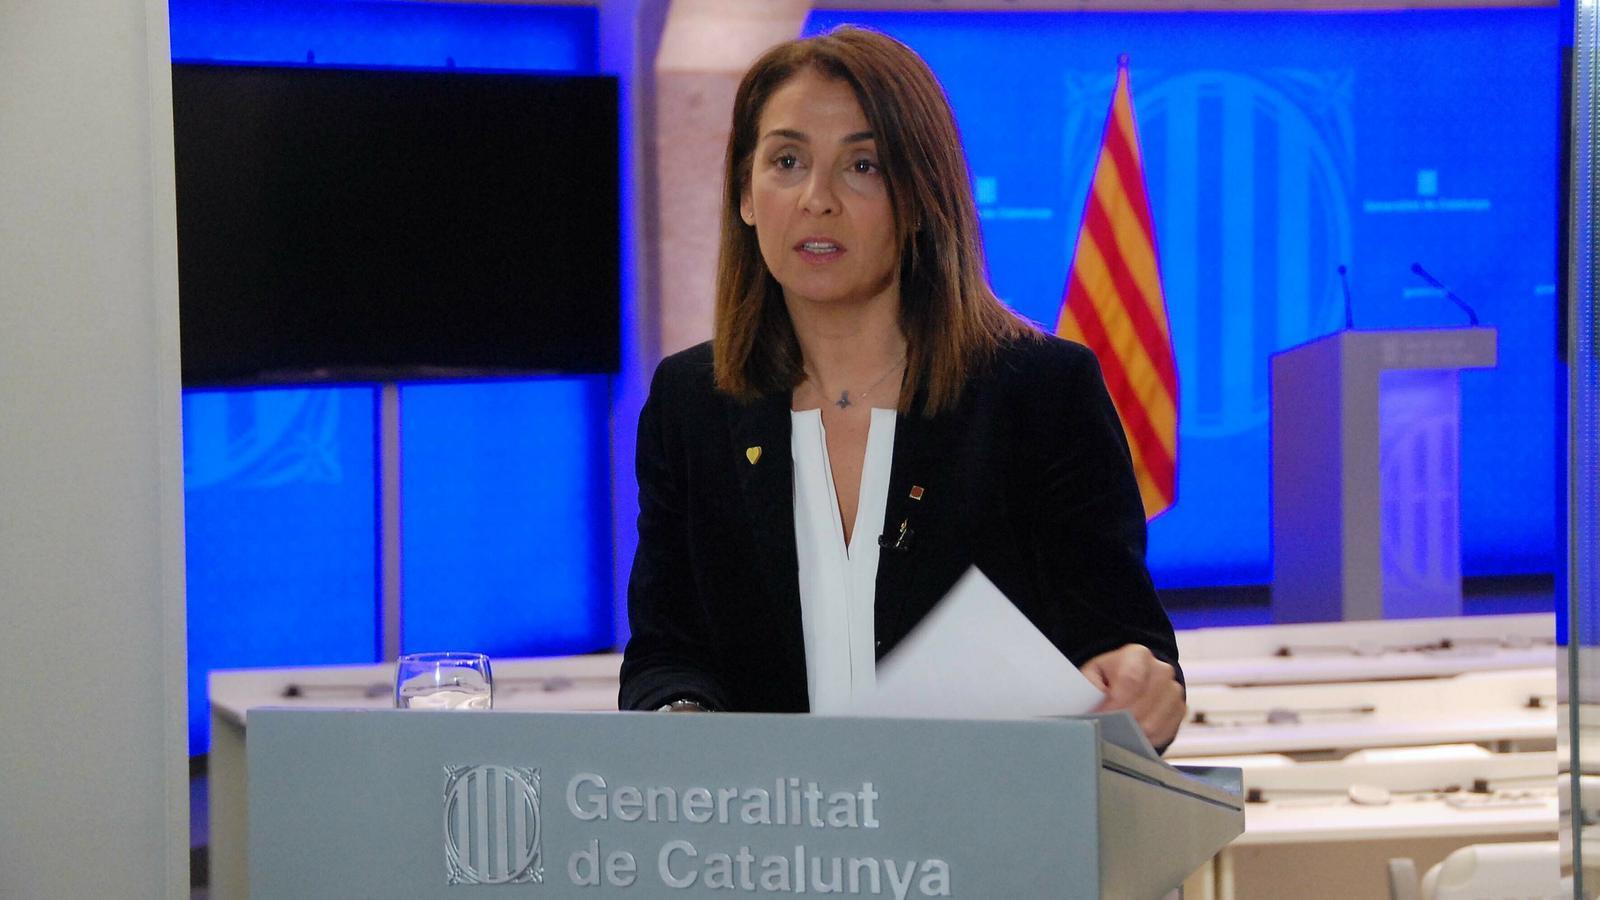 Roda de premsa del Govern de seguiment de la situació de la pandèmia de covid-19 a Catalunya